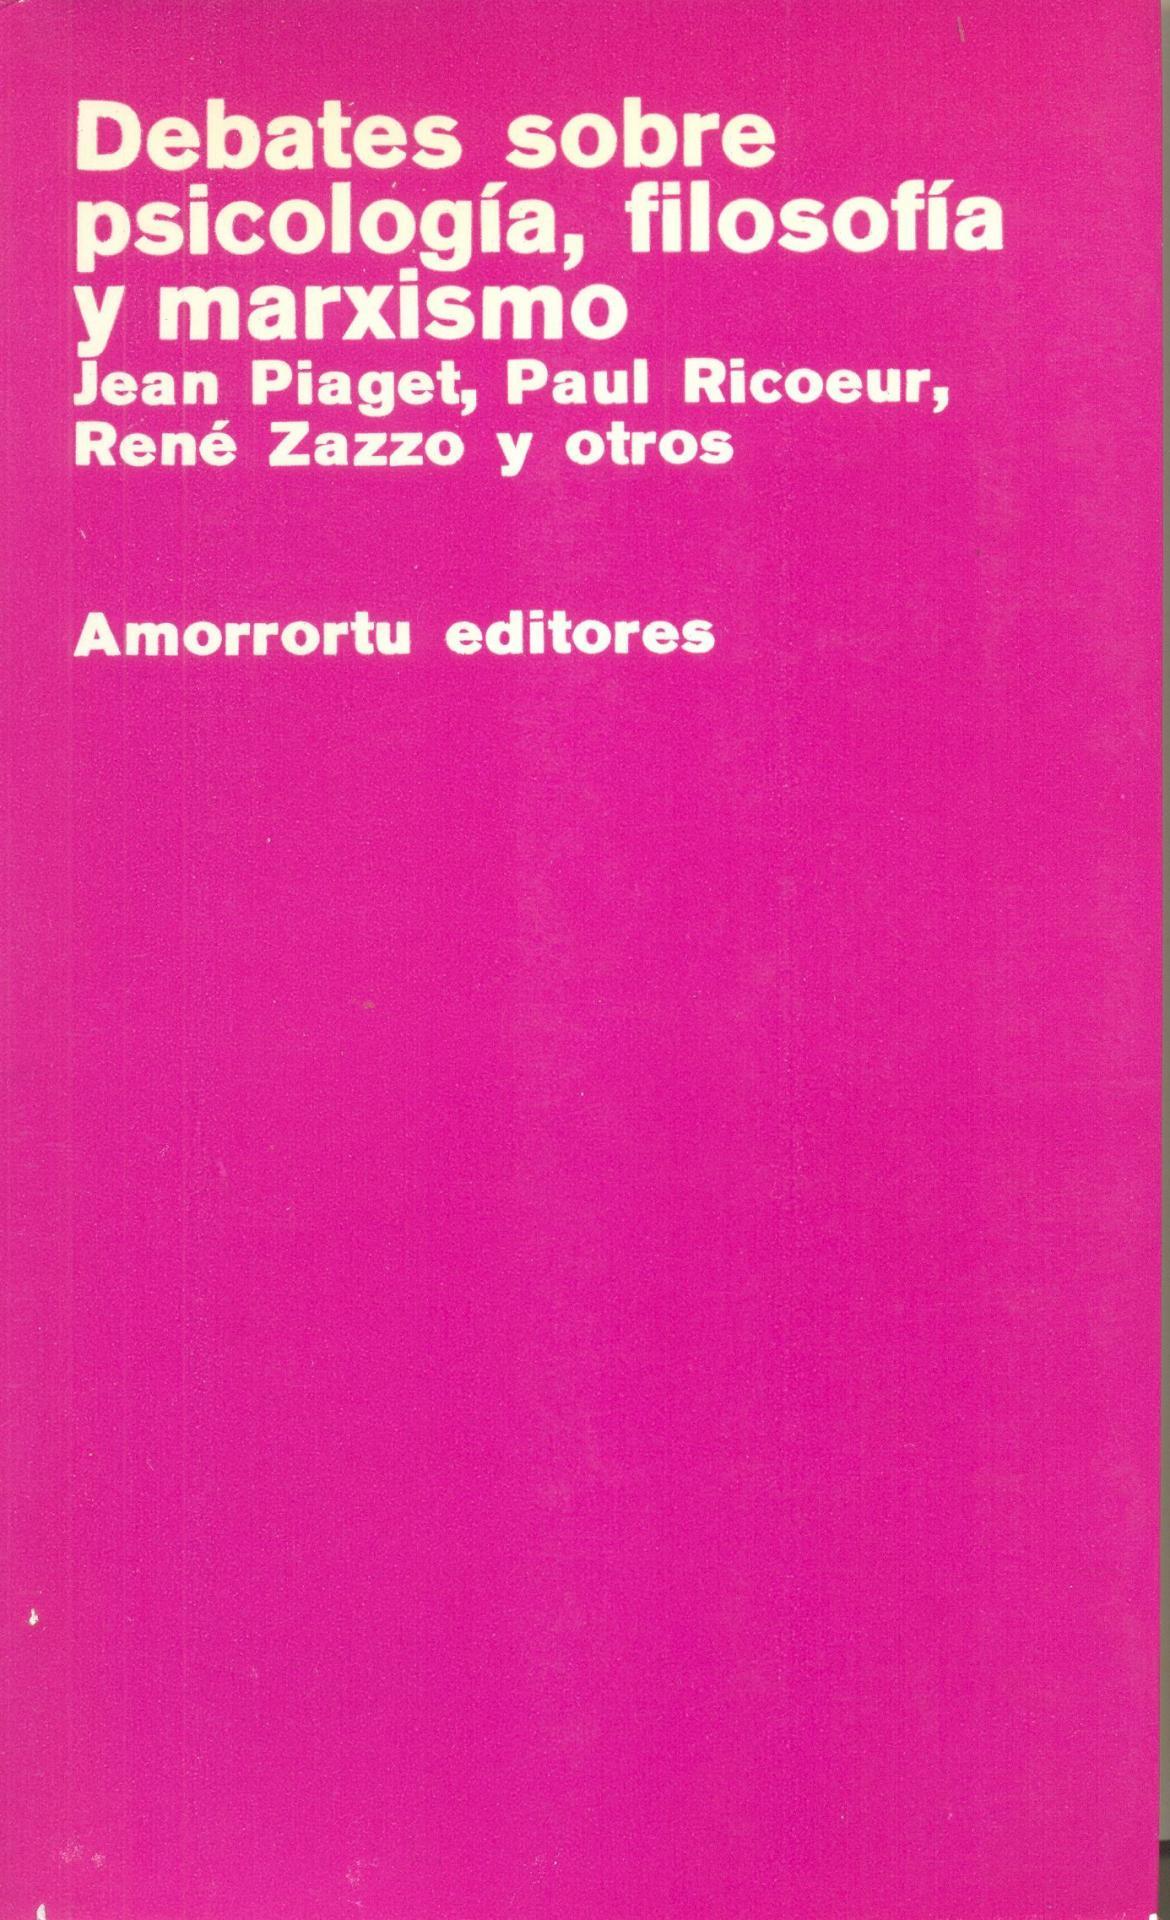 DEBATES SOBRE PSICOLOGÍA, FILOSOFÍA Y  MARXISMO. Piaget, P; Ricoeur, P, Zazzo, R.